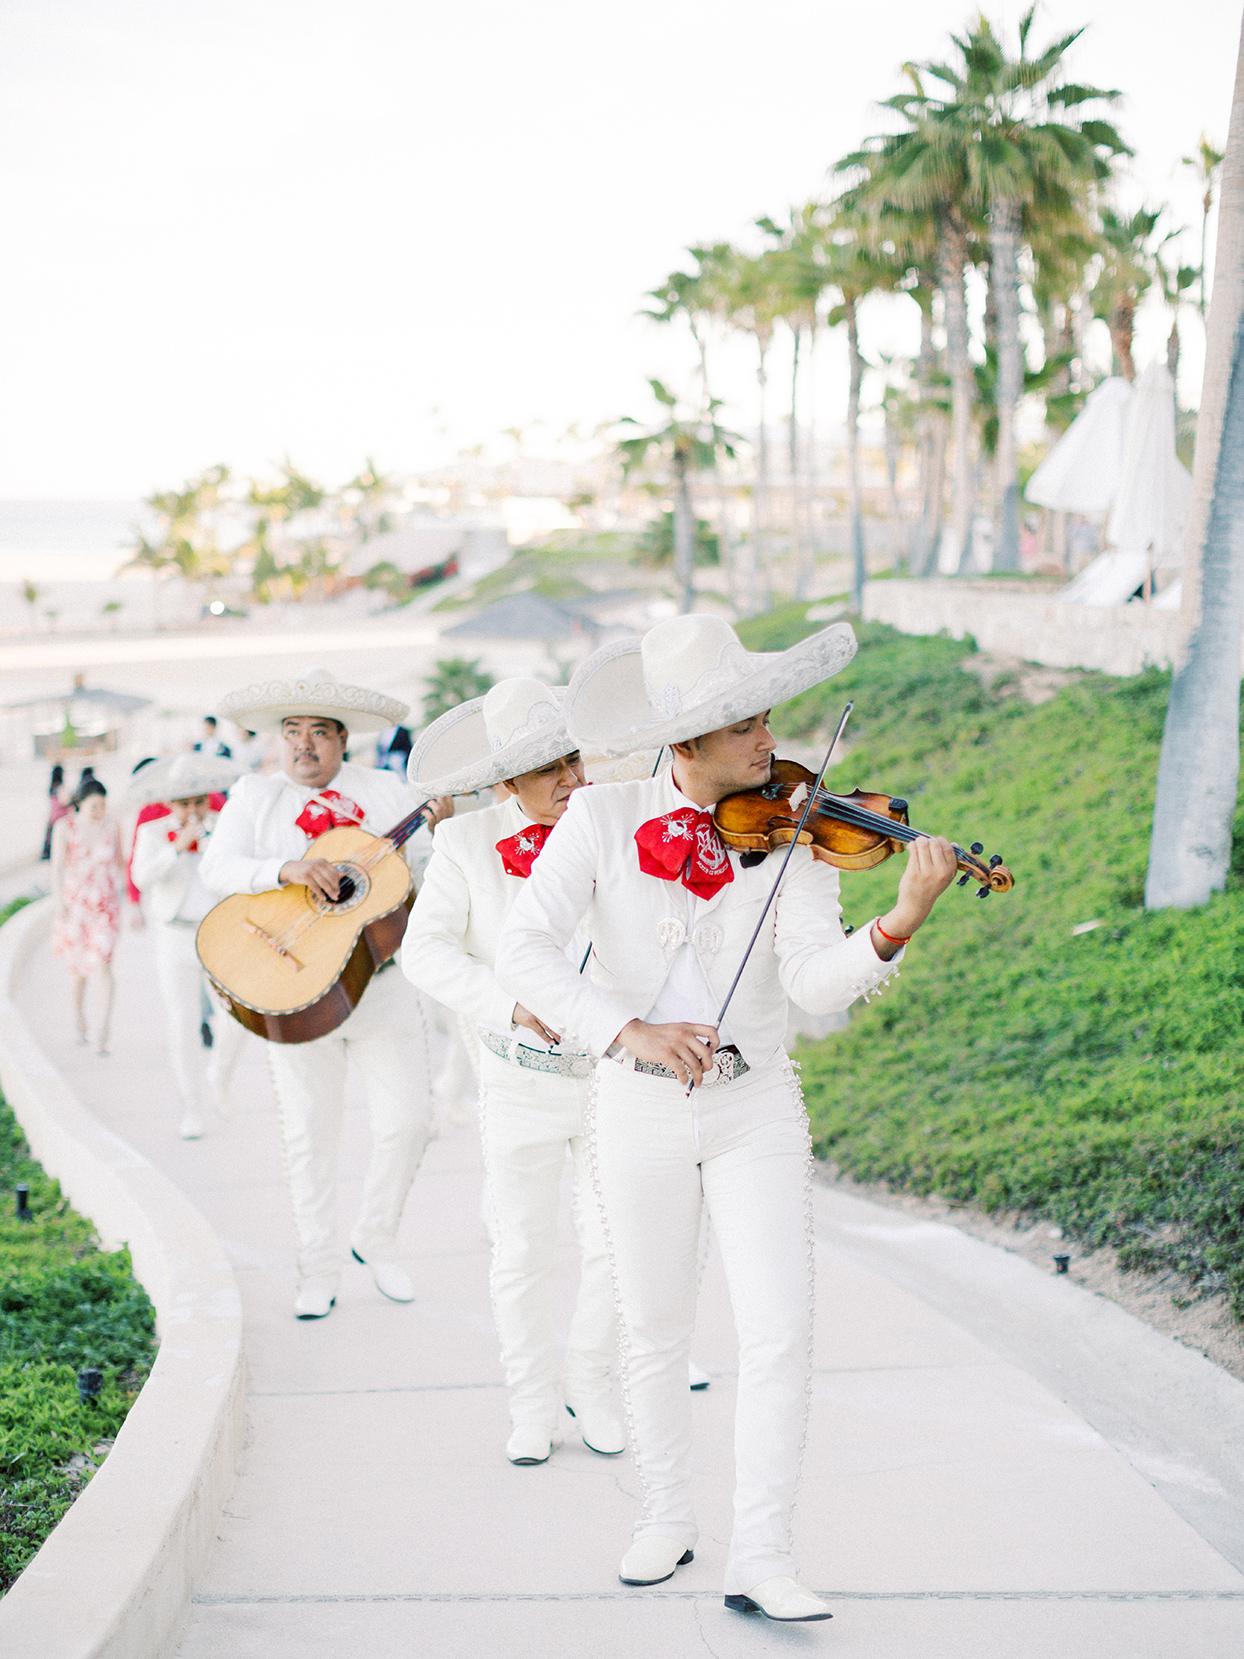 kirsten deran wedding mariachi band playing on walkway